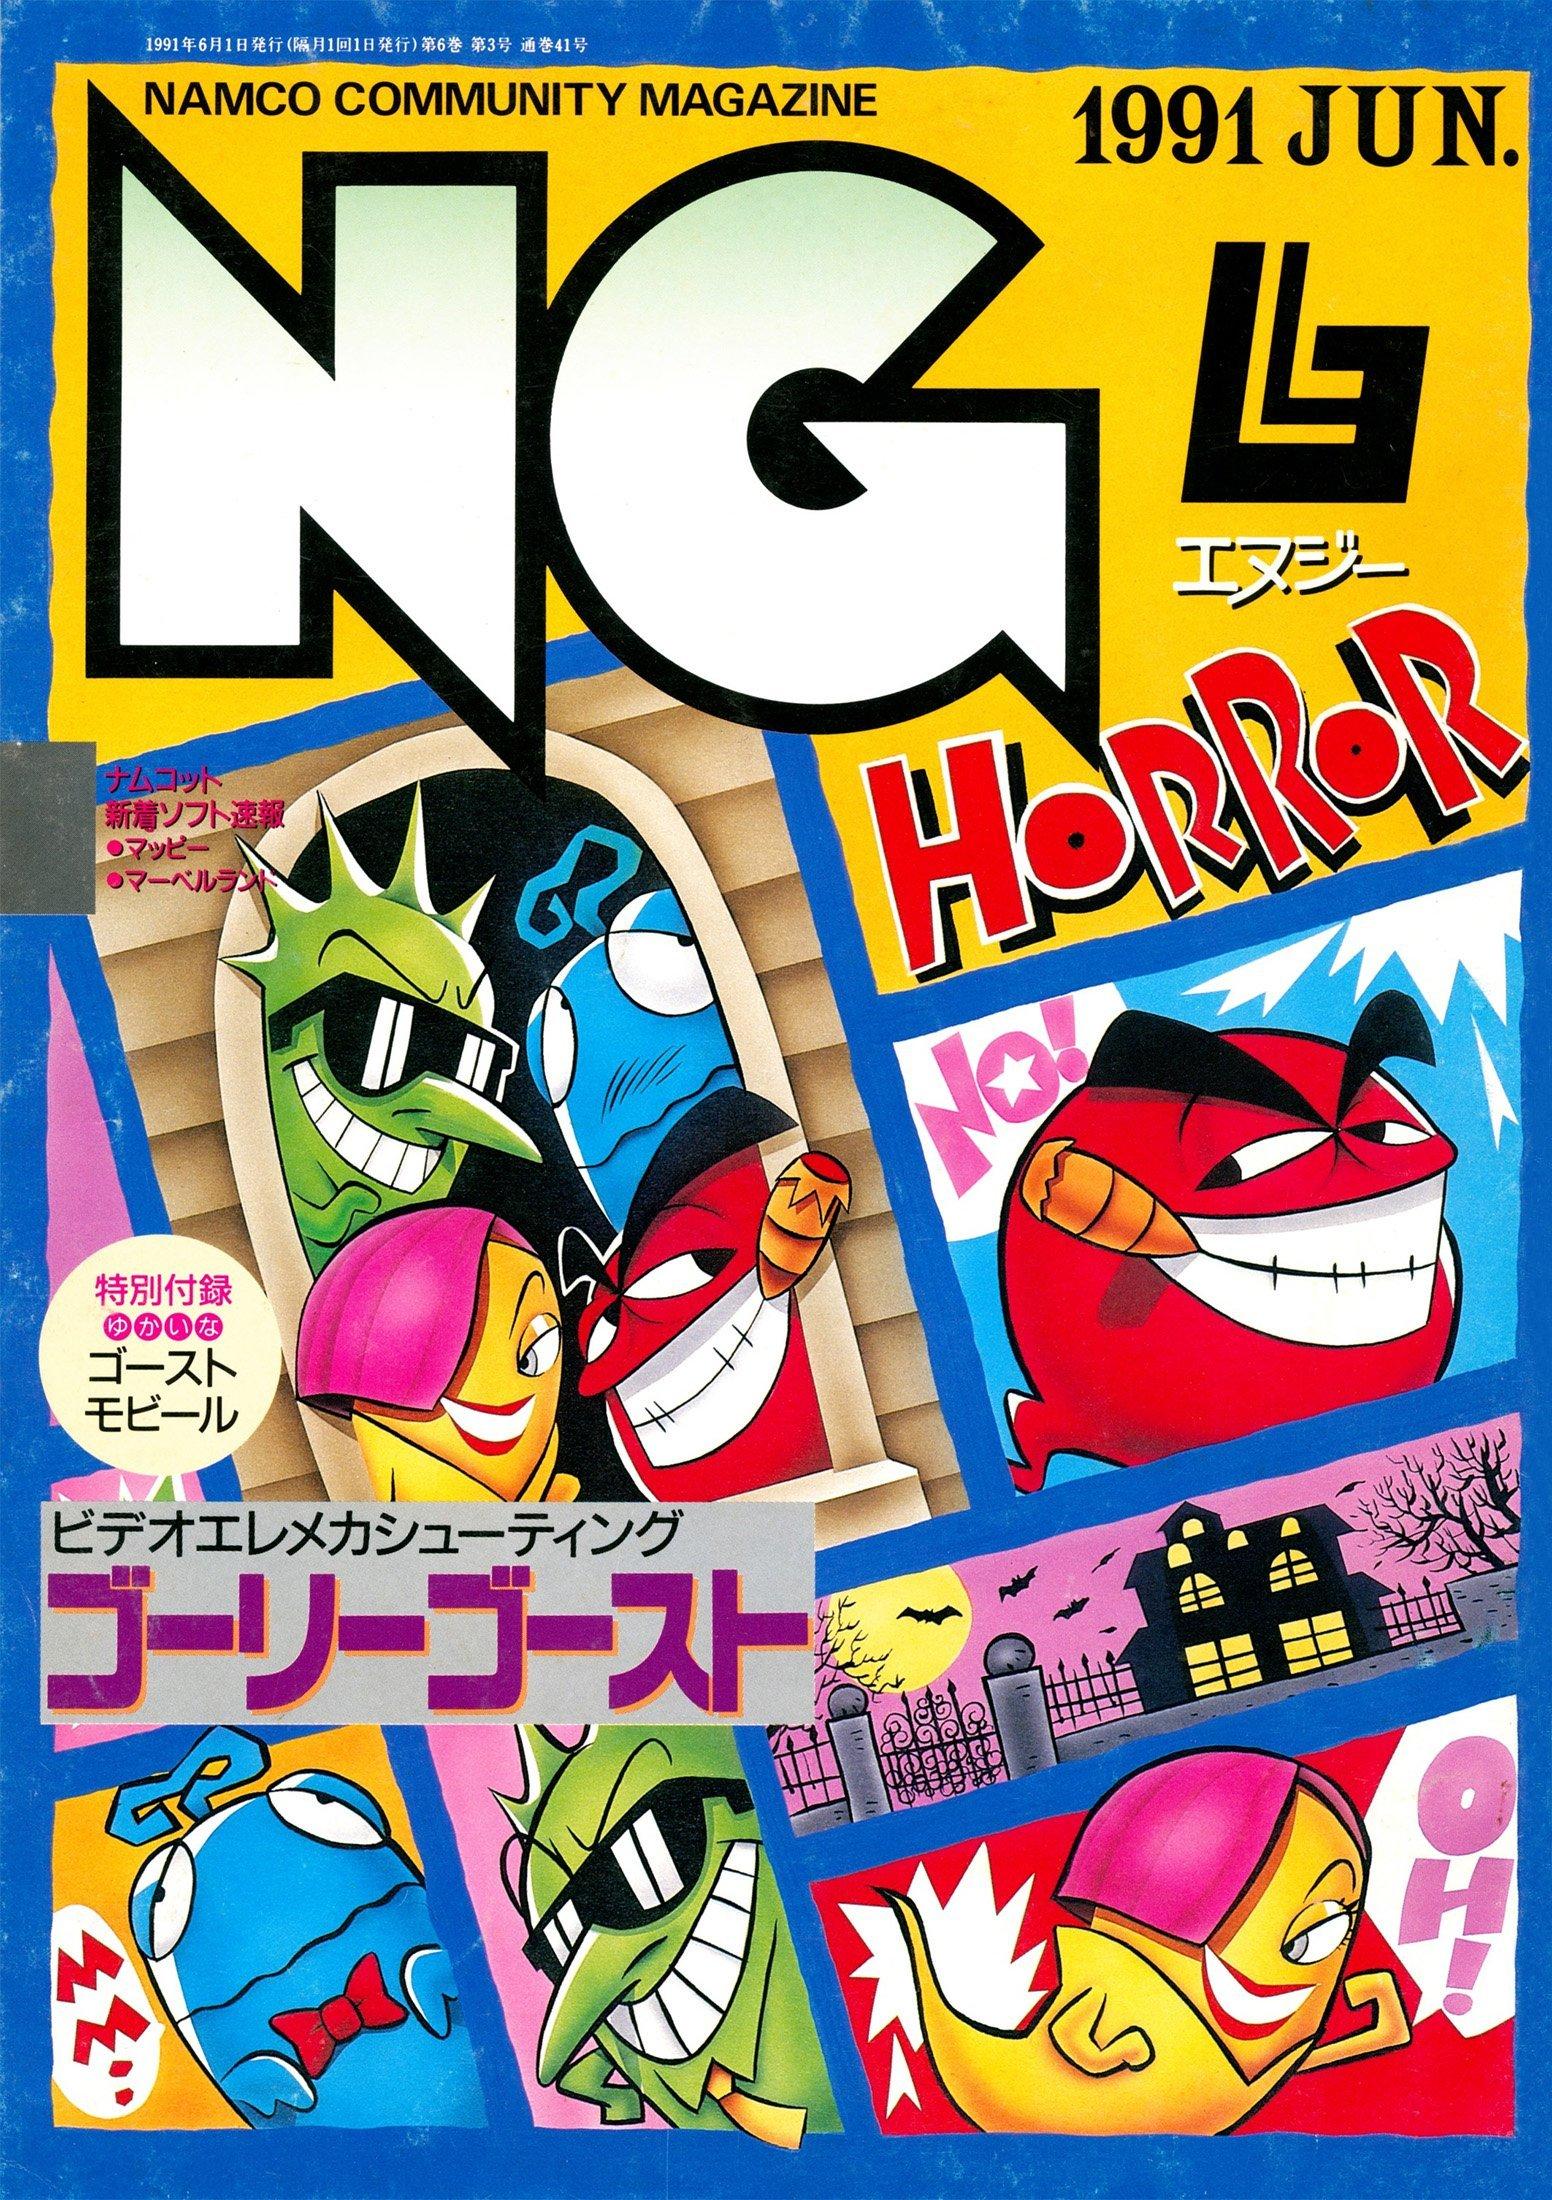 NG Namco Community Magazine Issue 41 (June 1991)